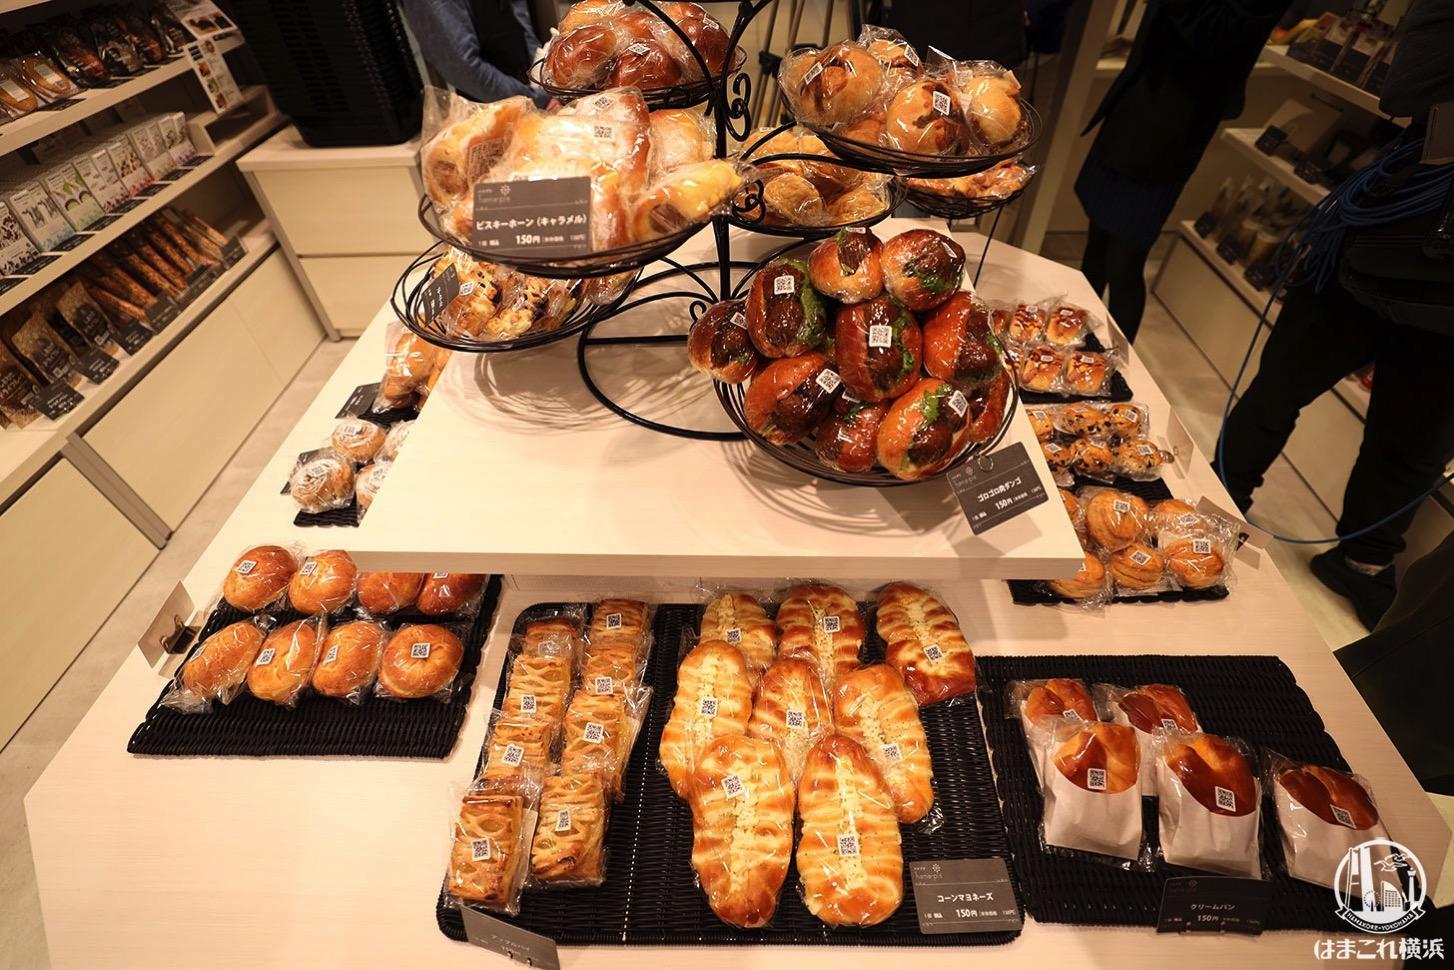 ハマプラ パンドットコムの150円均一パン